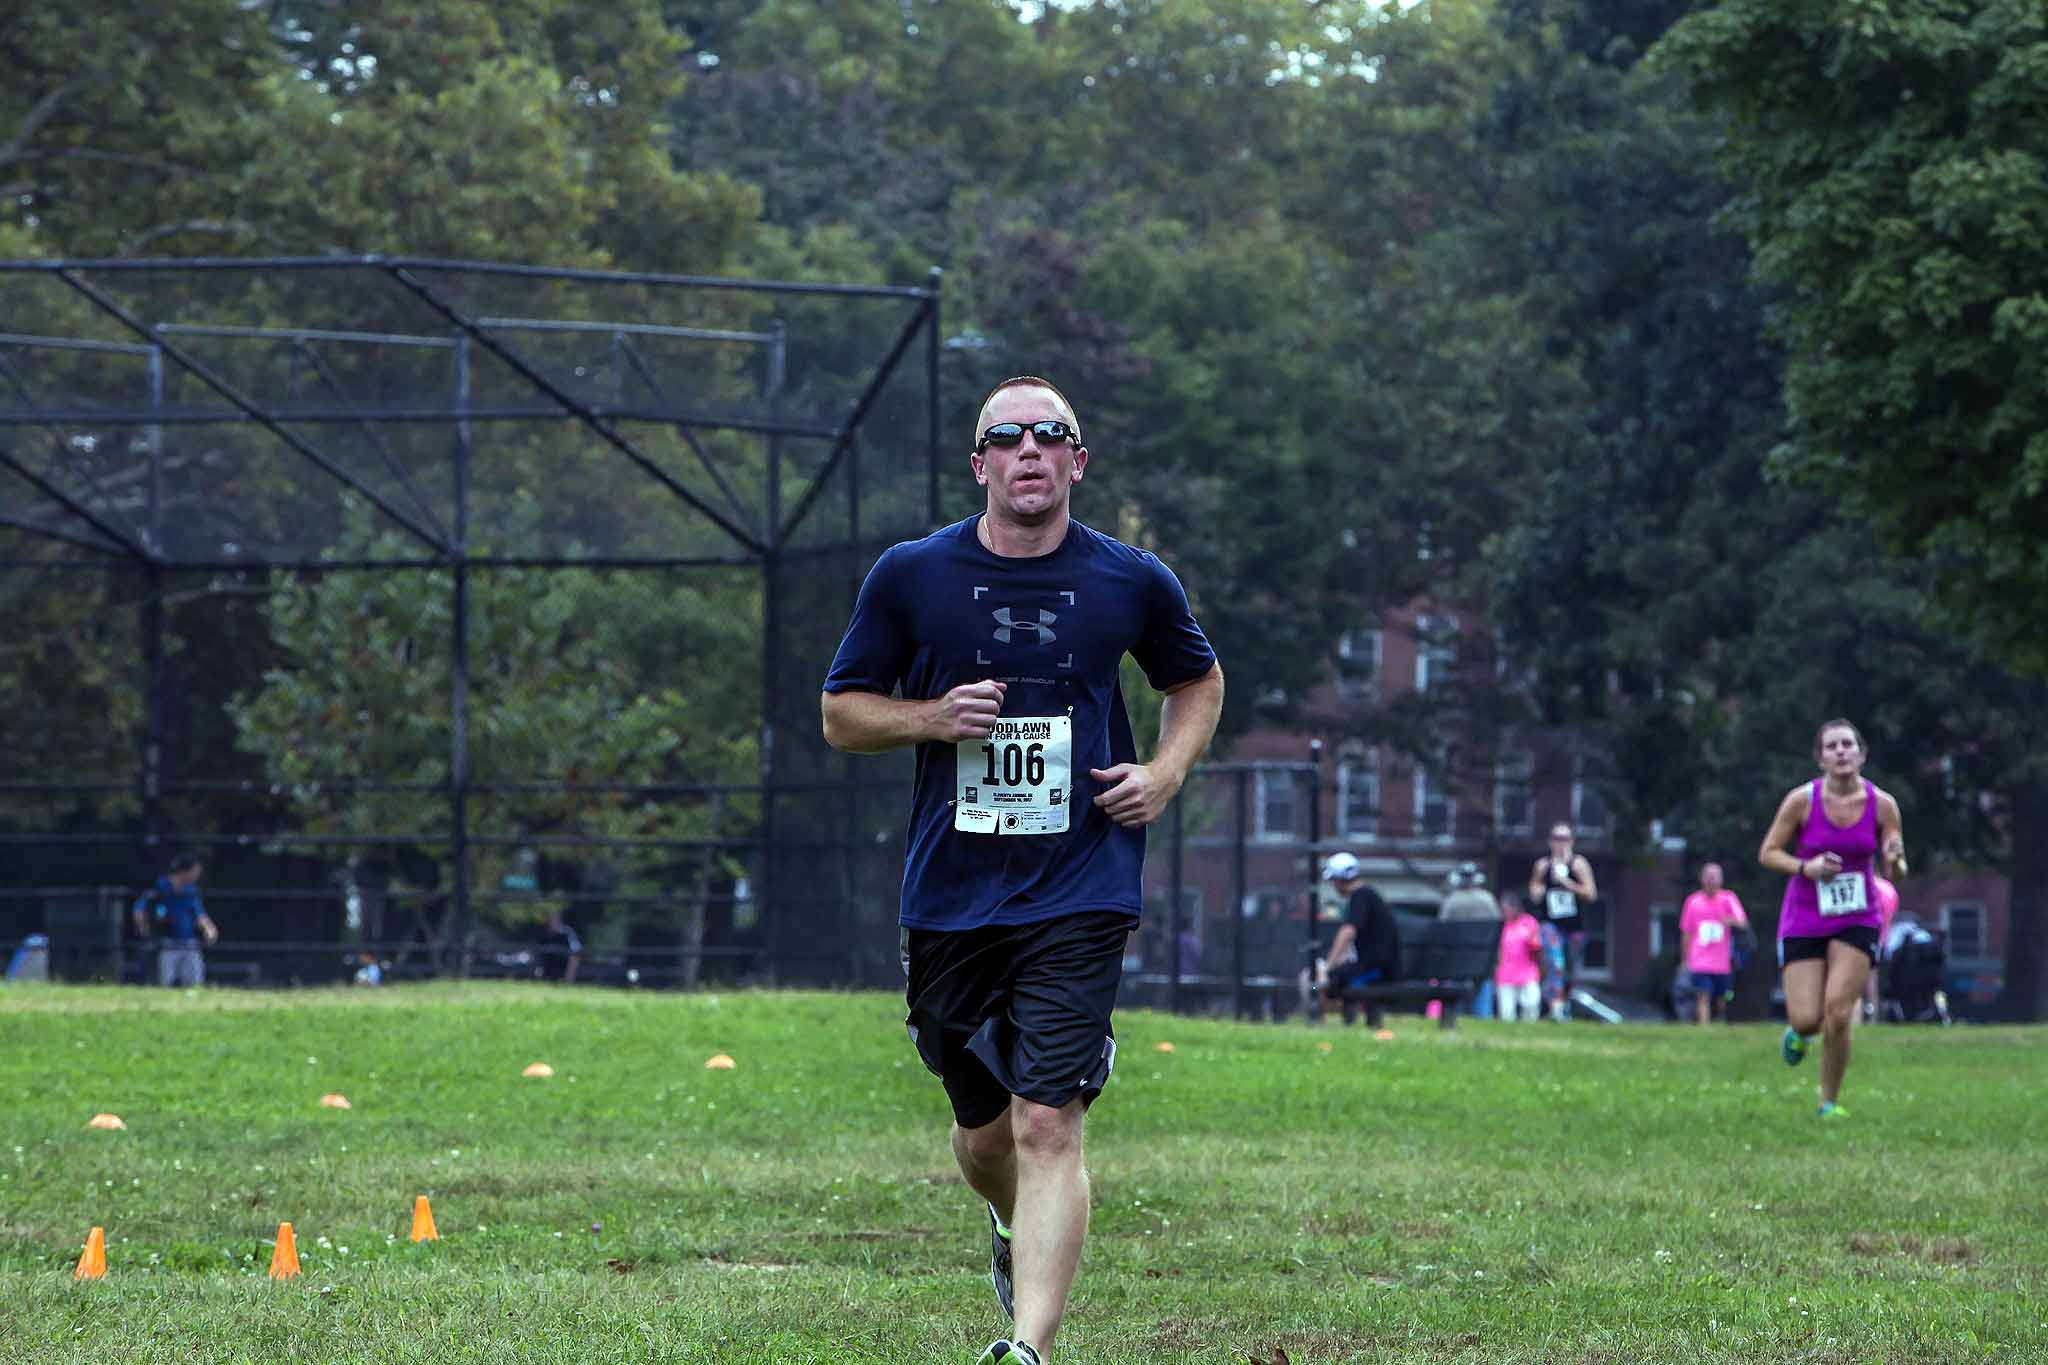 123-Woodlawn Run for a Cause-305.jpg